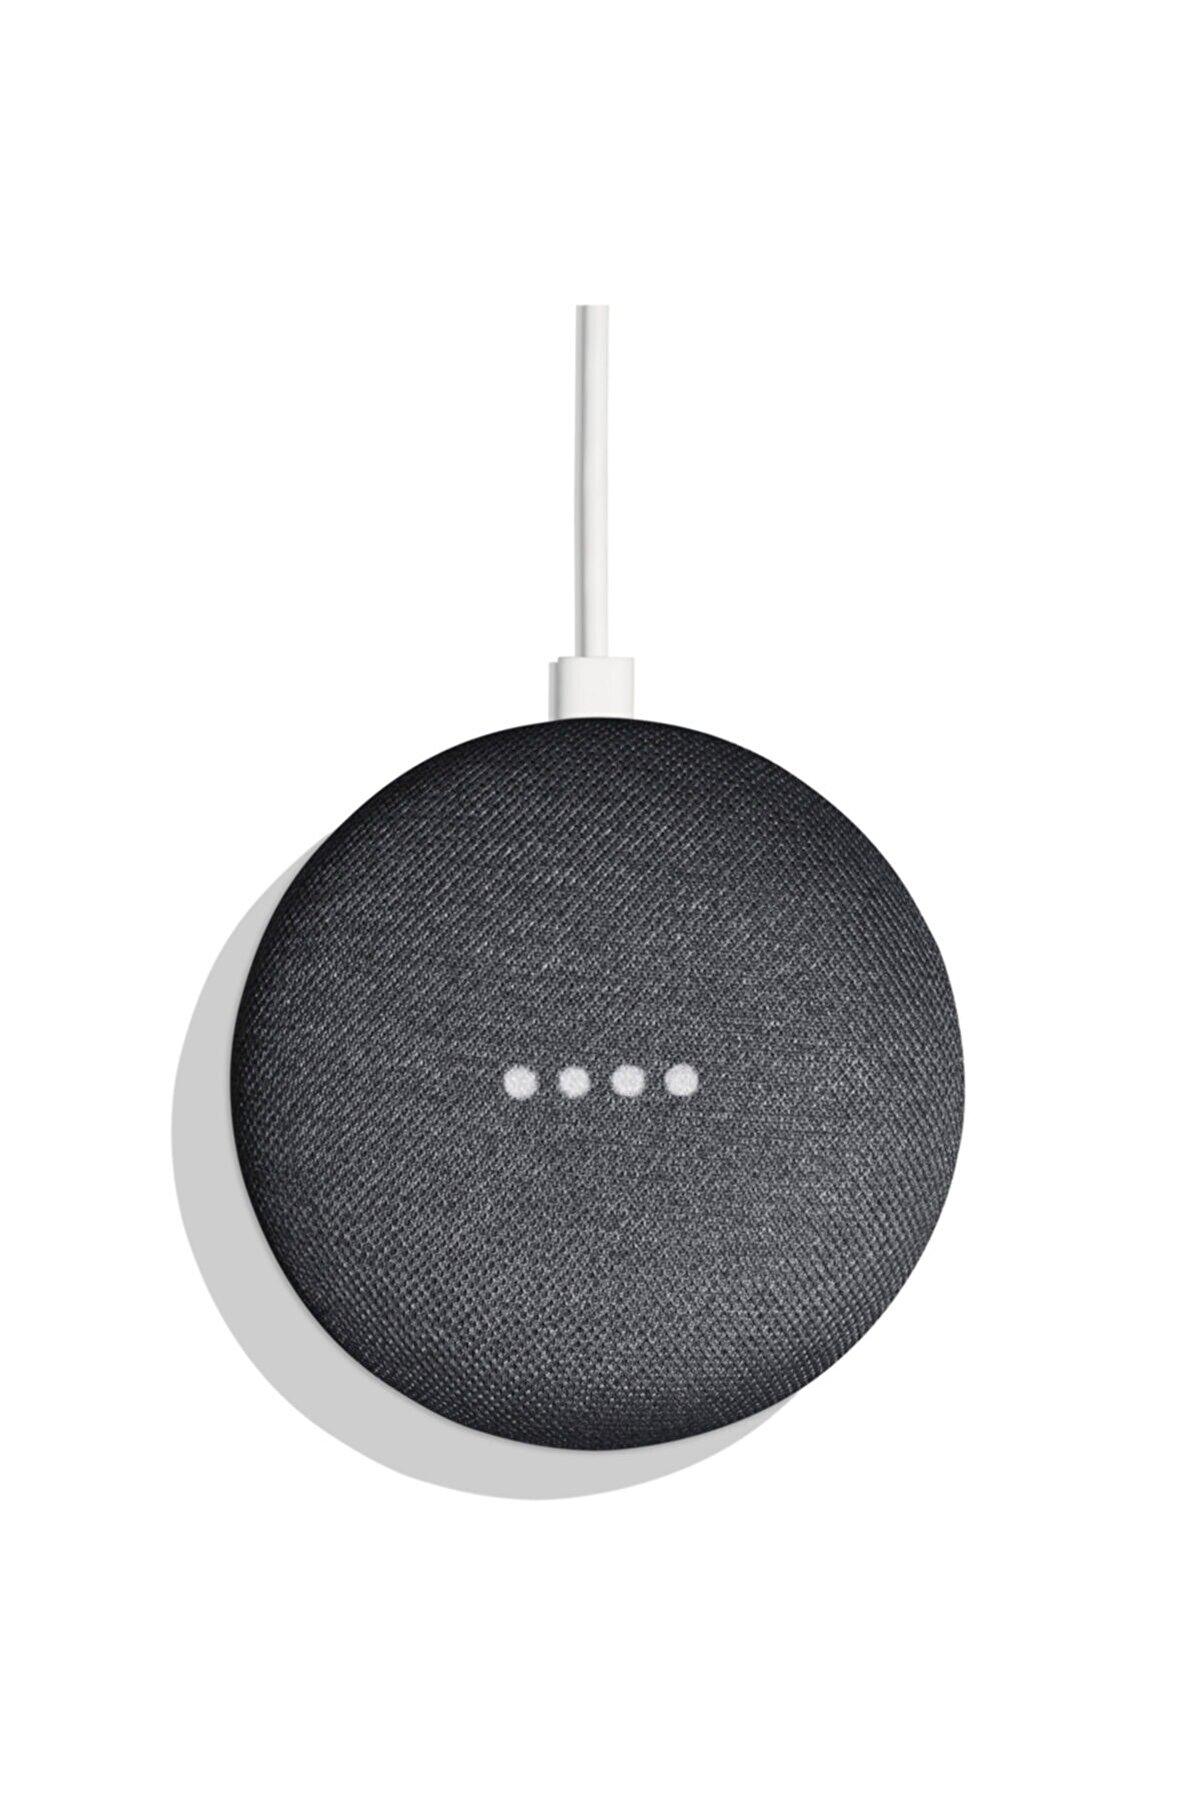 Google Home Mini Akıllı Ev Asistanı Hoparlör